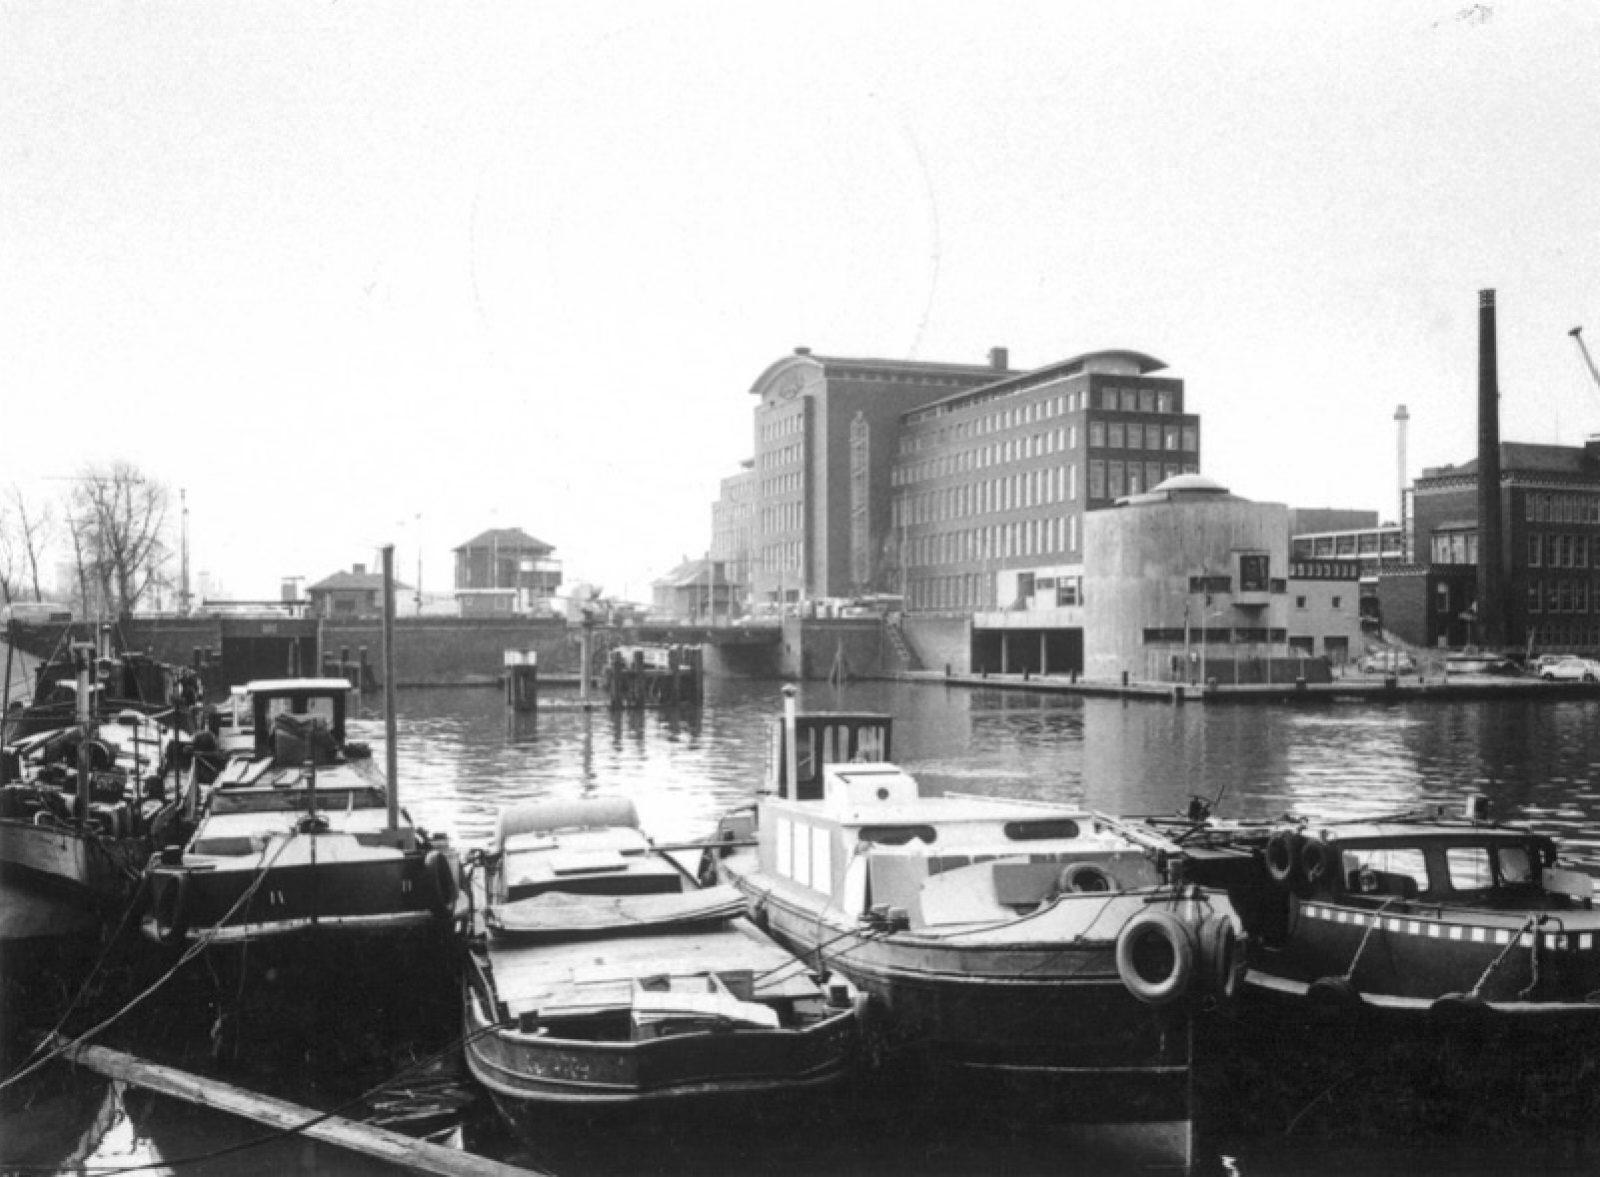 1970 Coolhaven Topo NL Rt SA 4202 1970 429 01